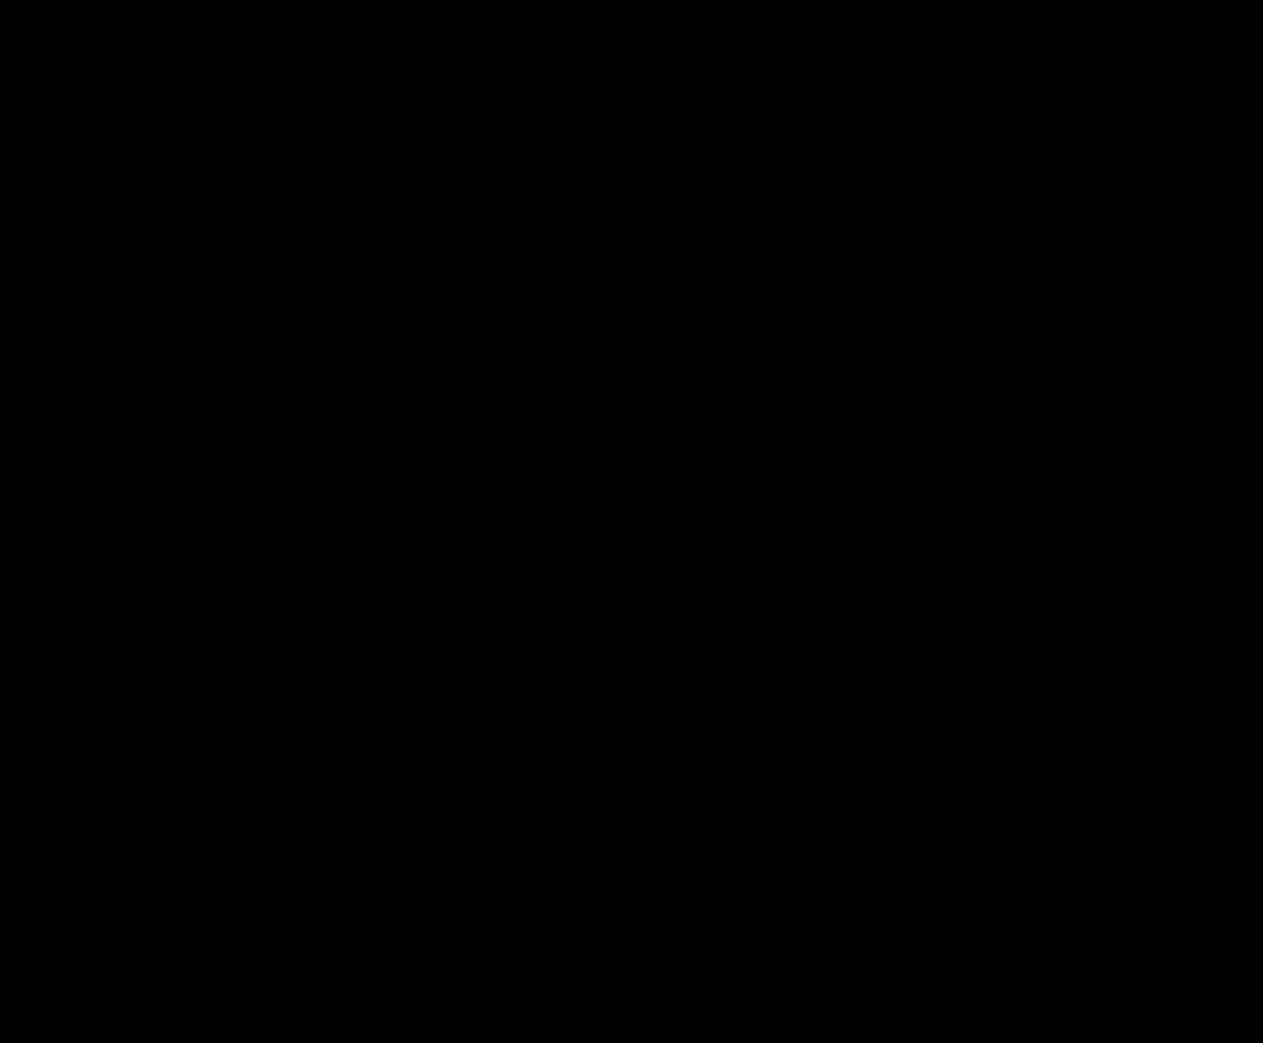 A24546D6-1C95-4837-9D86-F17C708F0715.png